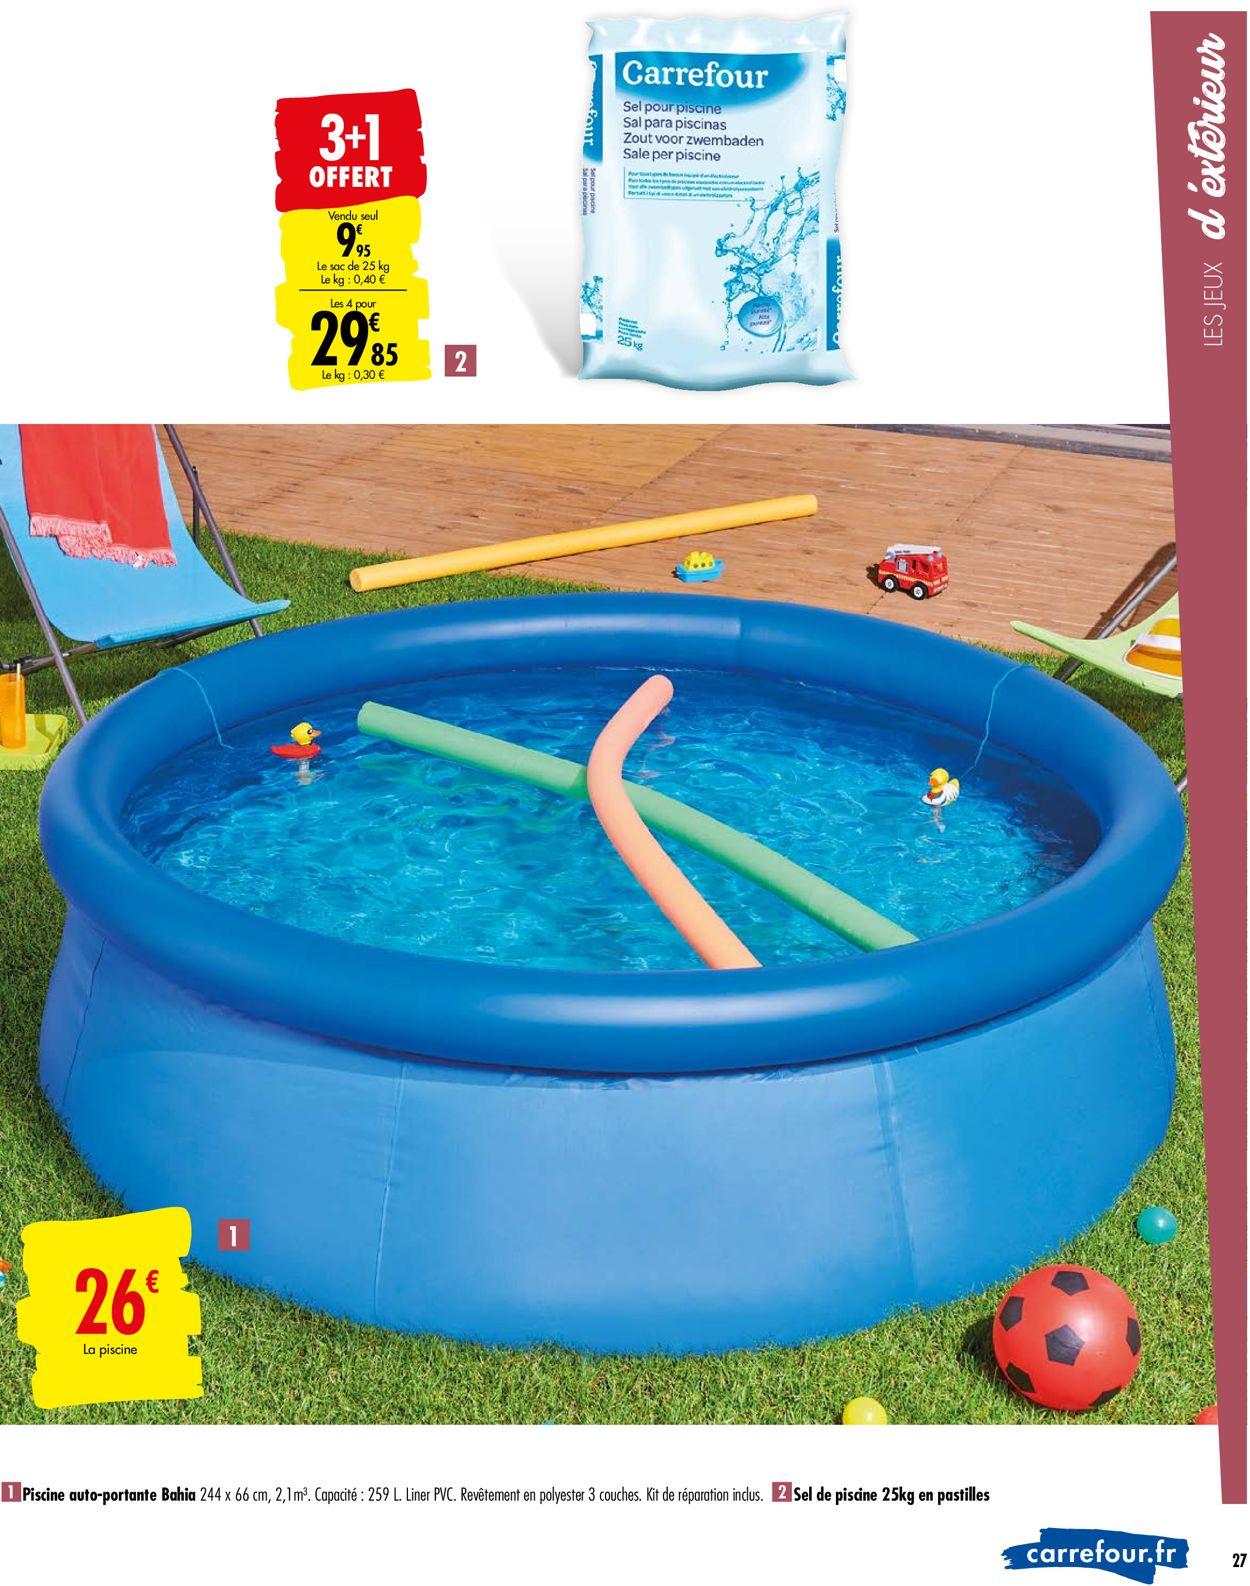 Carrefour Catalogue Actuel 28.04 - 11.05.2020 [27 ... dedans Piscine Enfant Carrefour